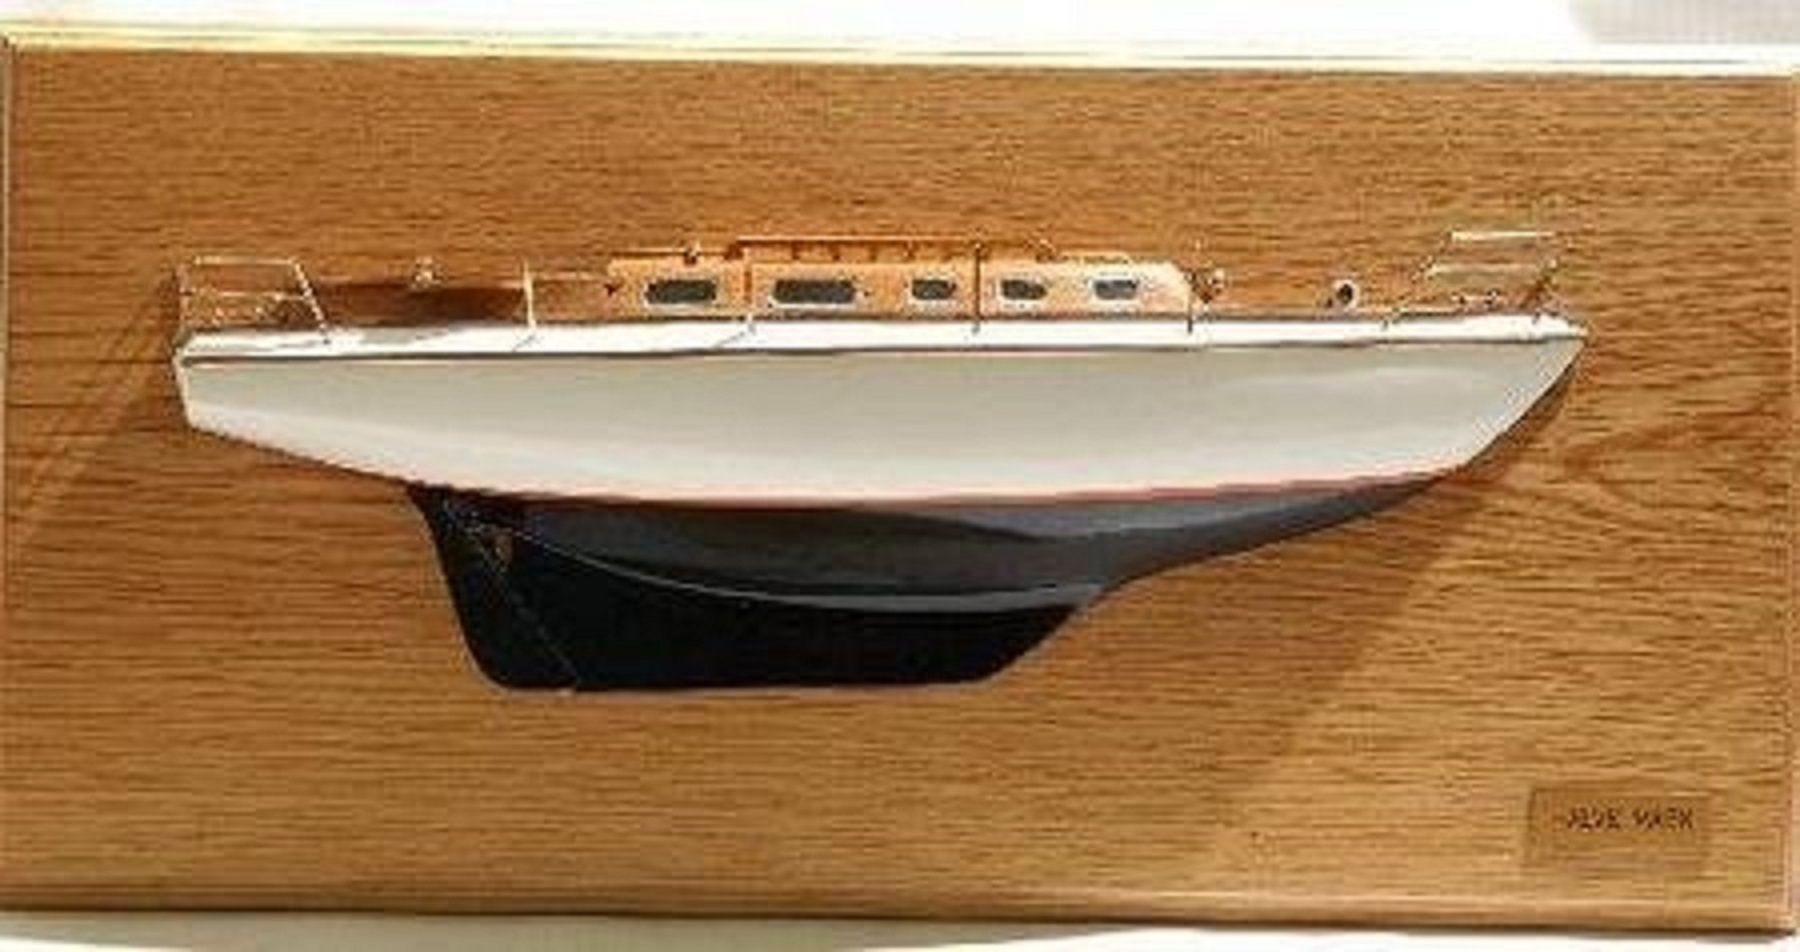 Vindo 40 Half Hull Model Sloop